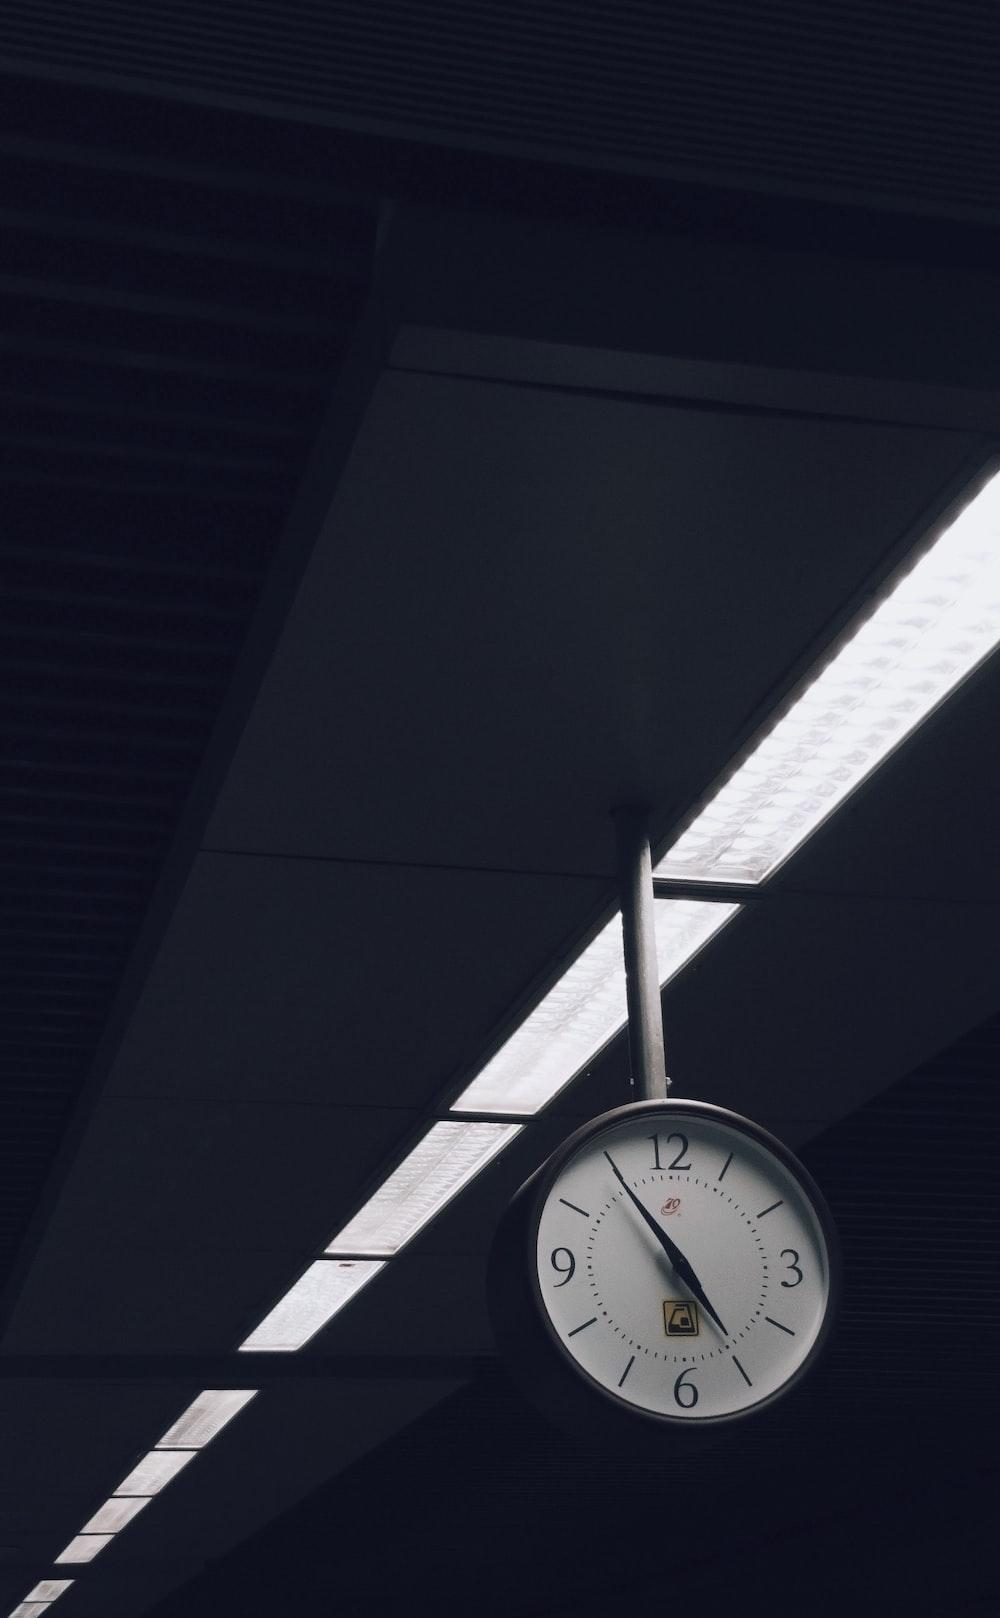 analog clock at 5:55